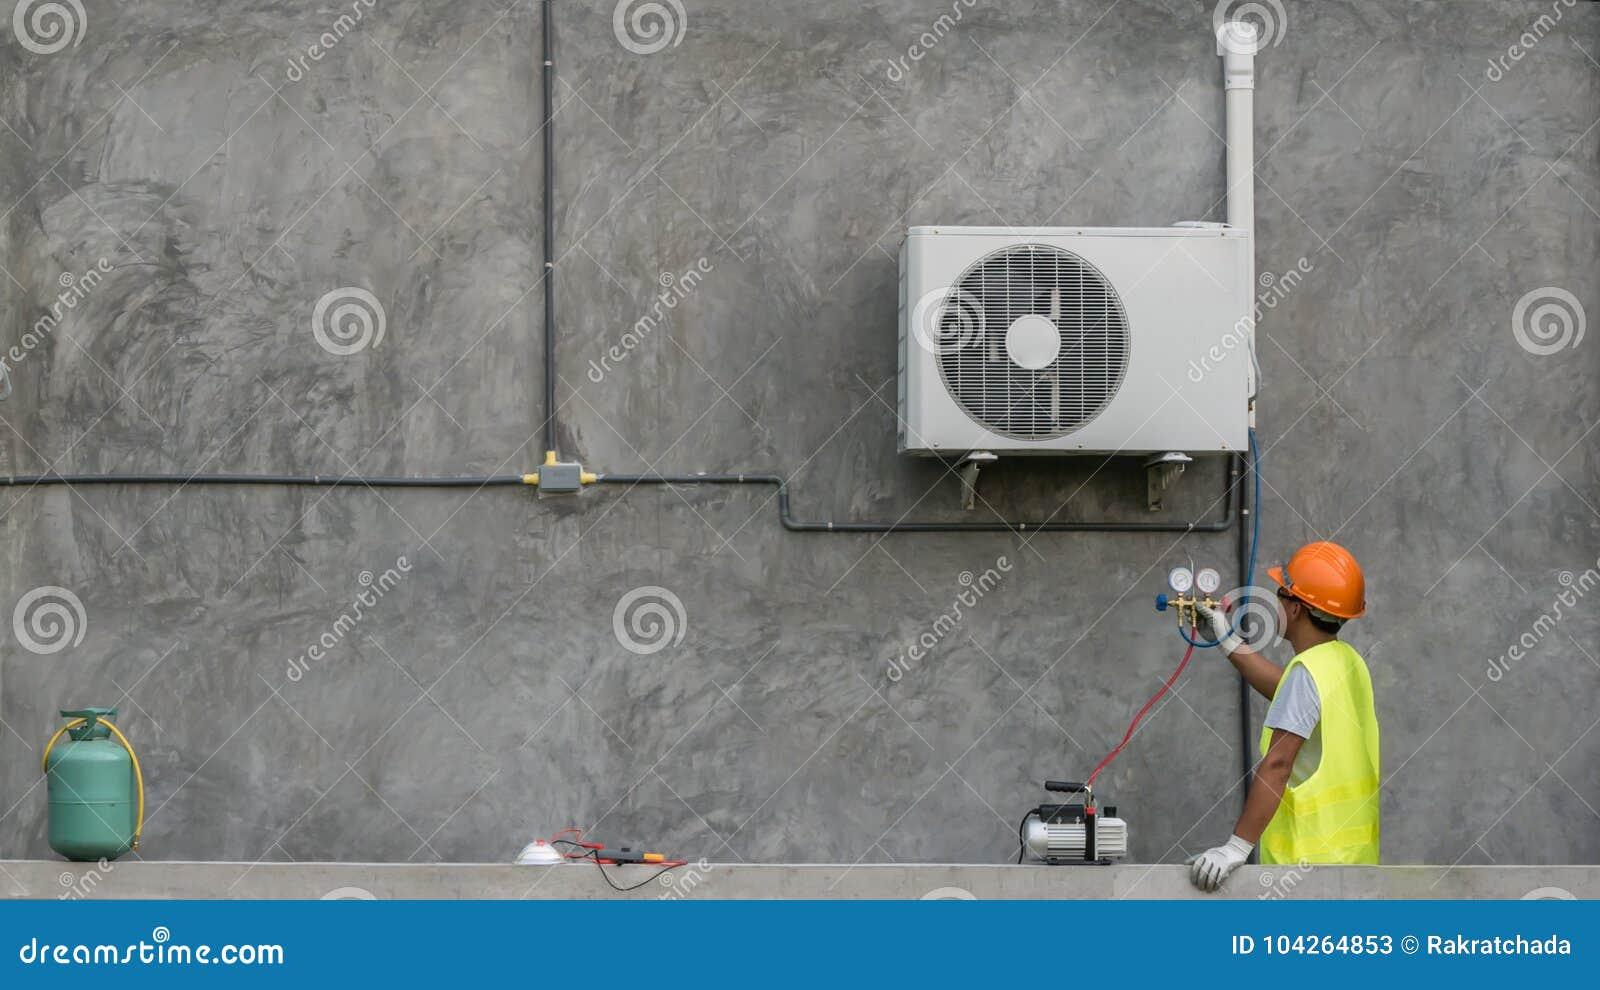 El técnico está comprobando el acondicionador de aire